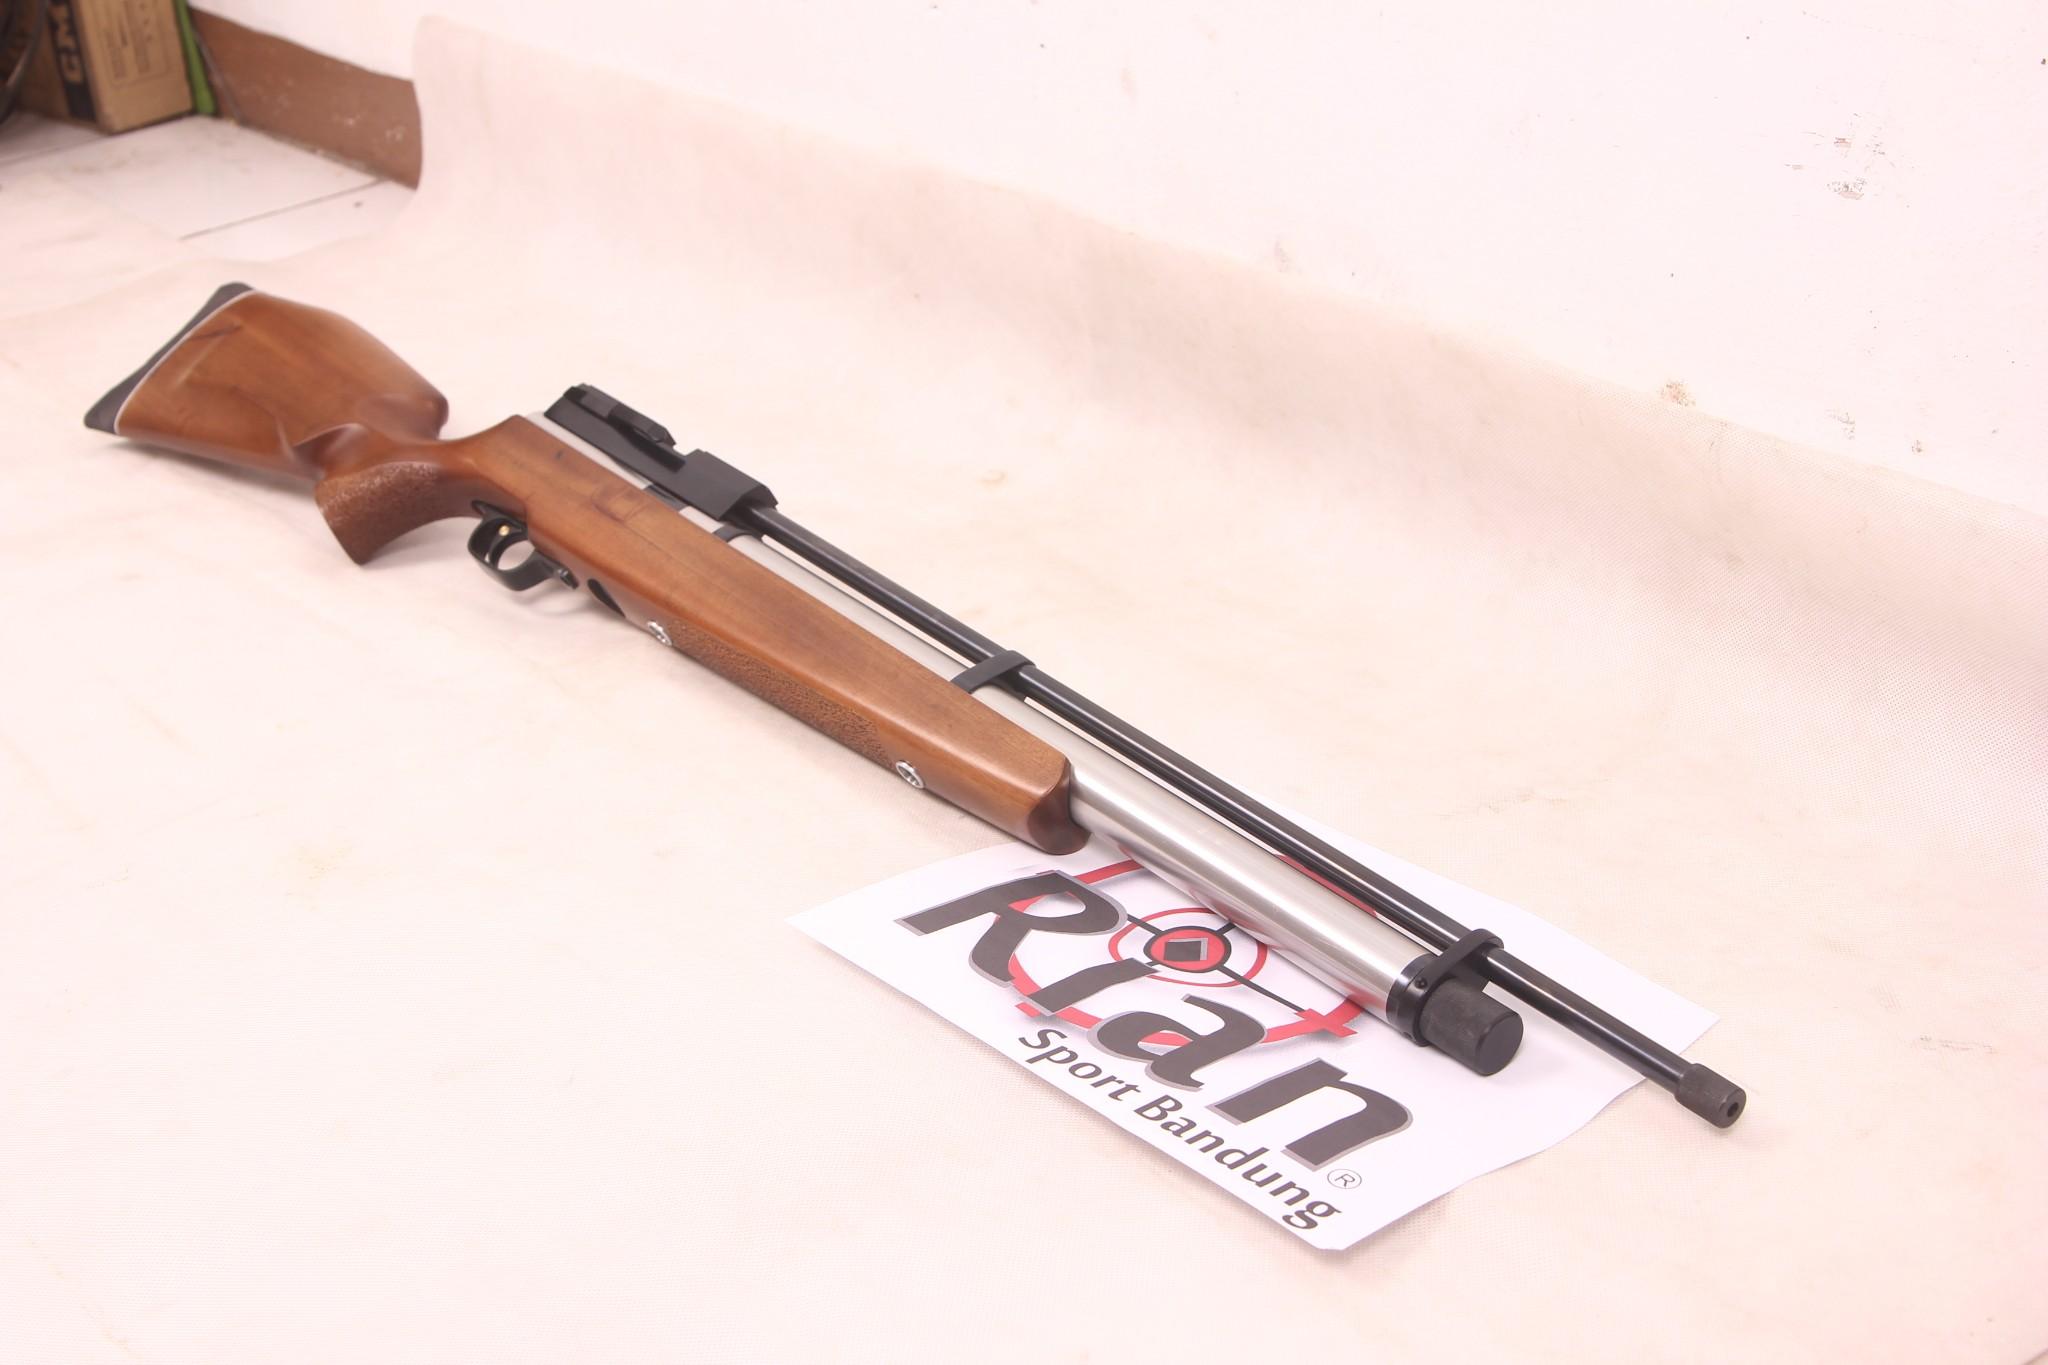 Senapan Angin Pcp Remington Senapan Angin Pcp